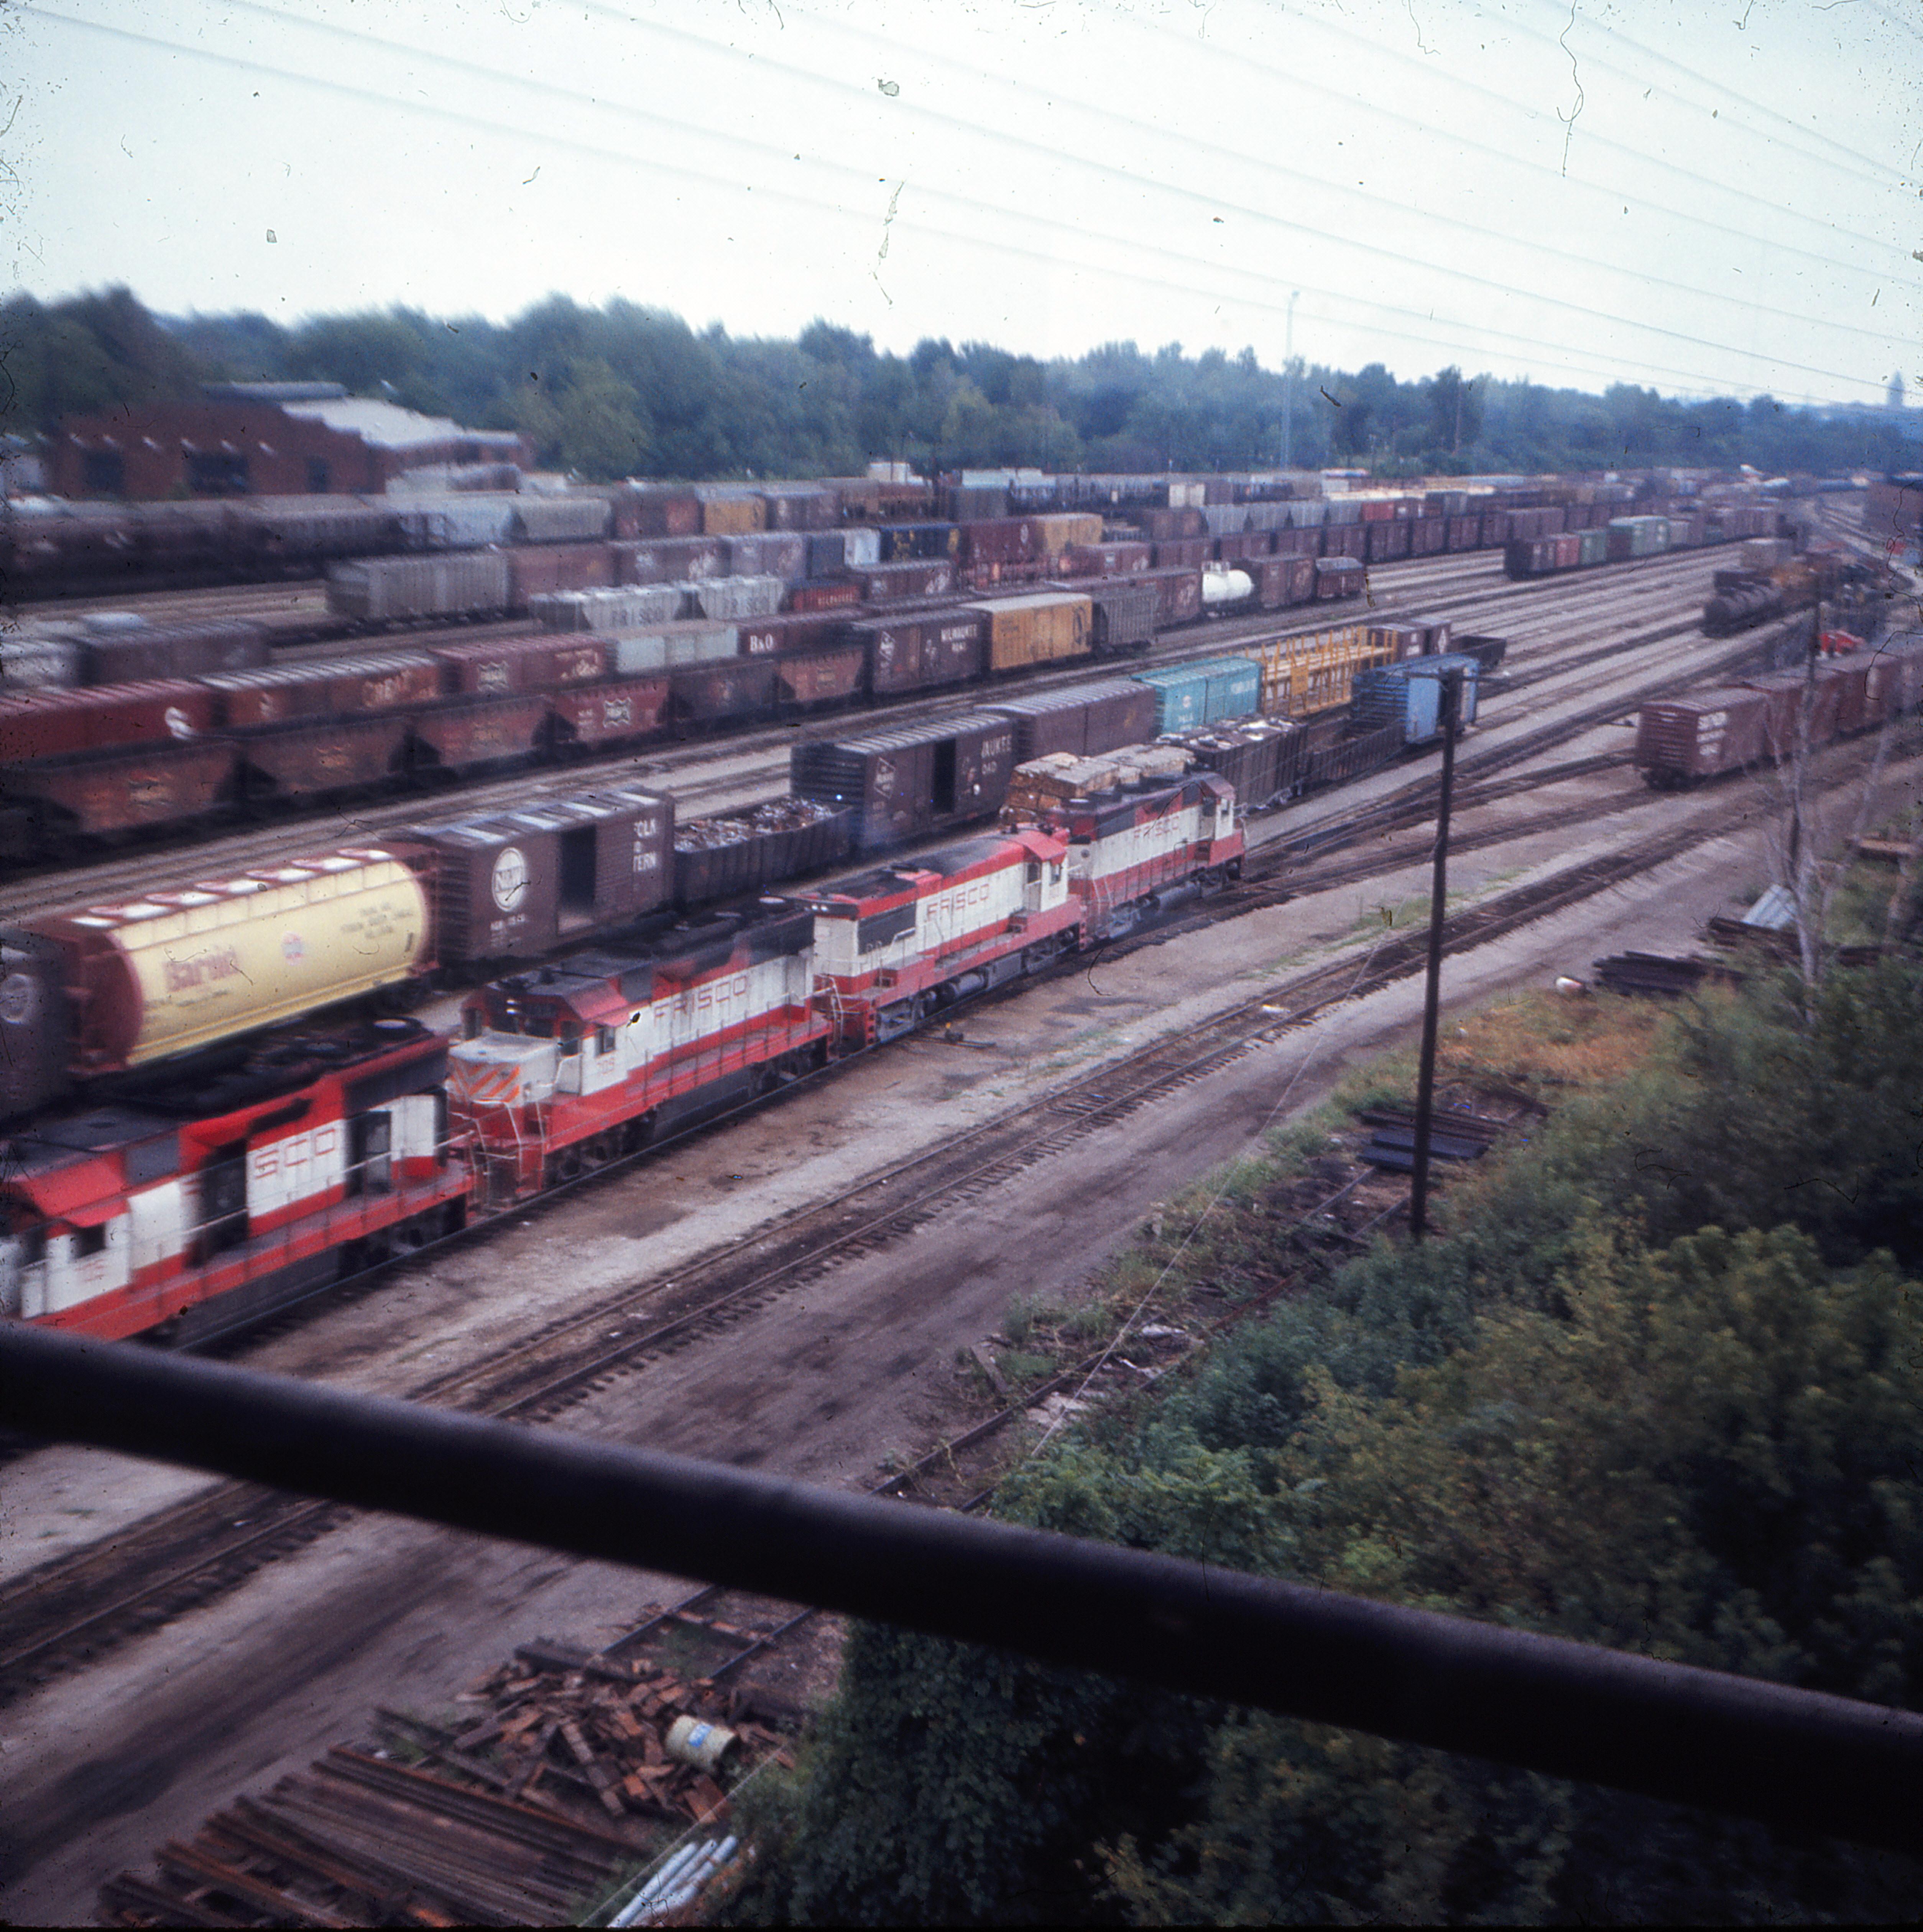 Lindenwood Yard, St. Louis, Missouri in August 1970 (Ken McElreath)